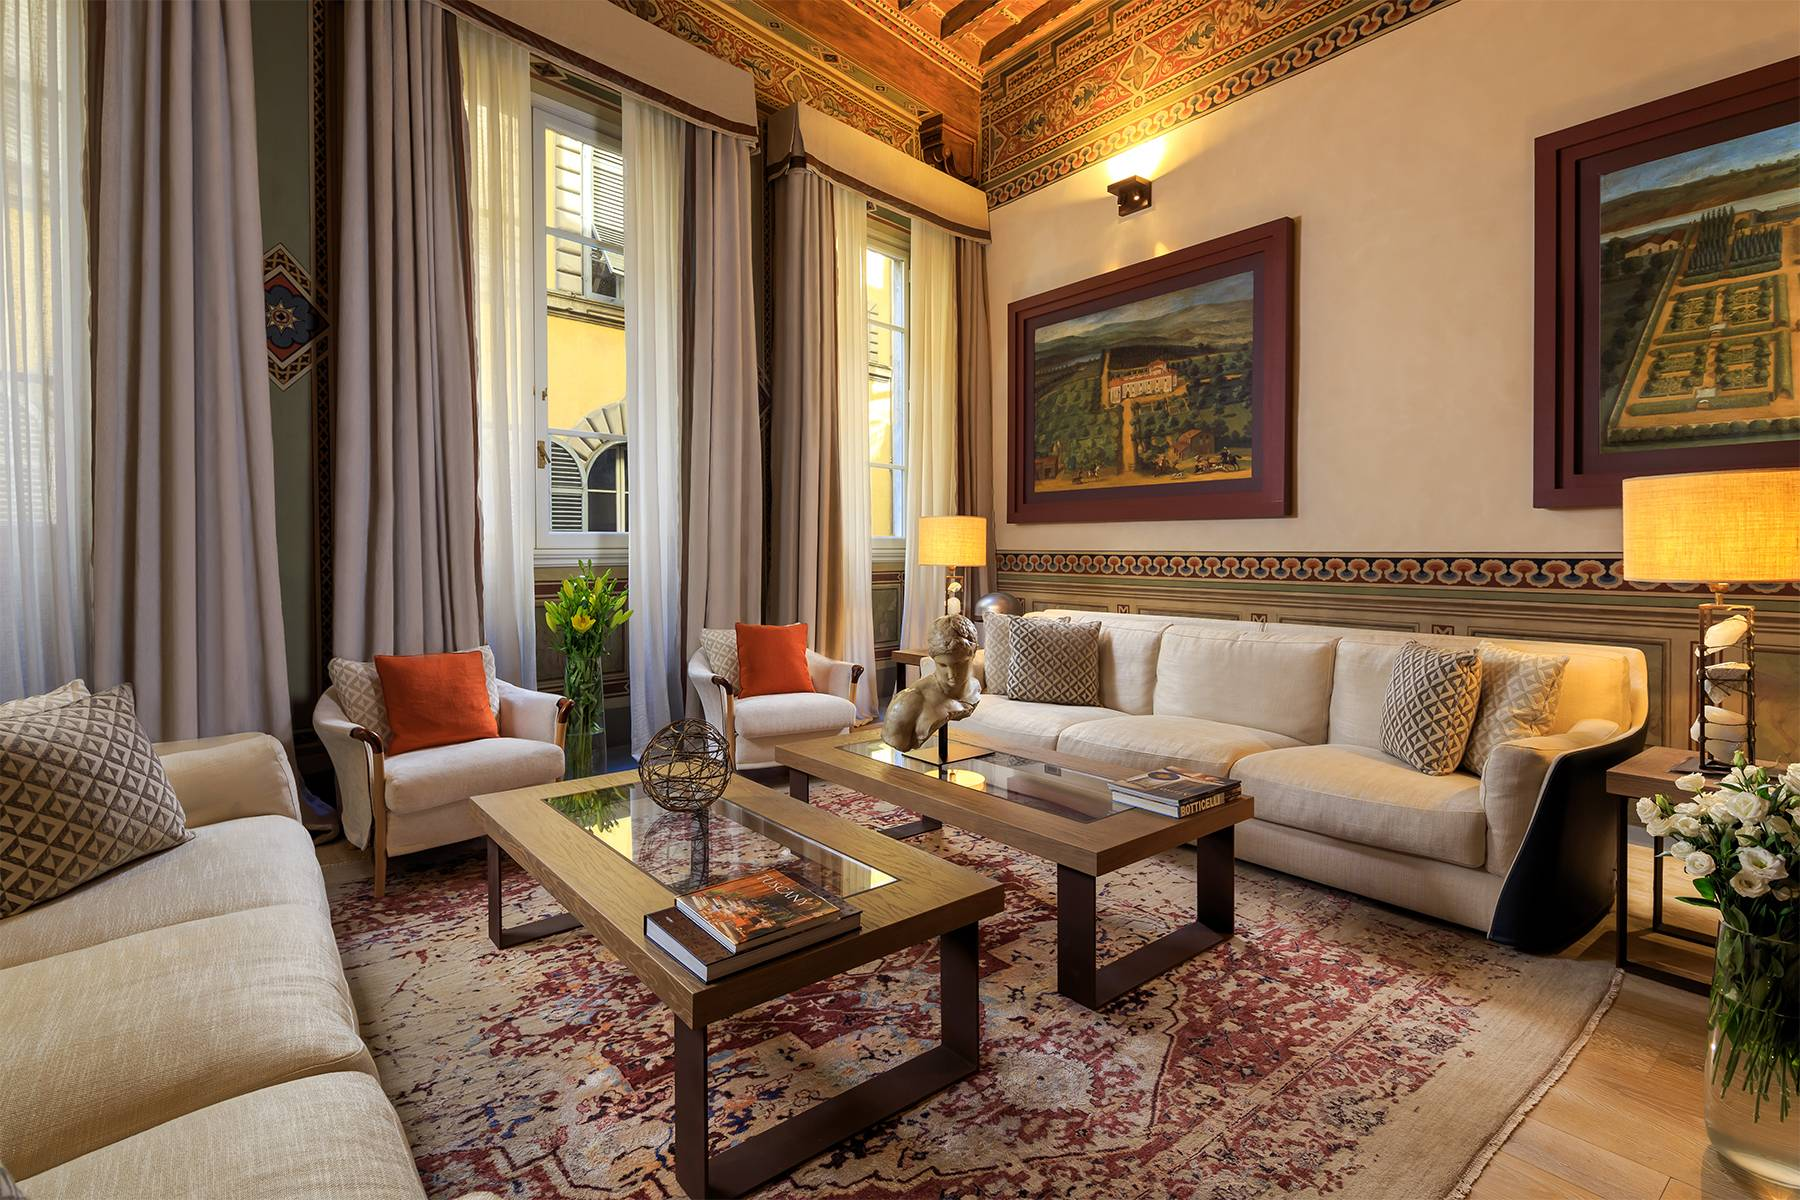 Appartement moderne et contemporain dans Palazzo historique. - 1